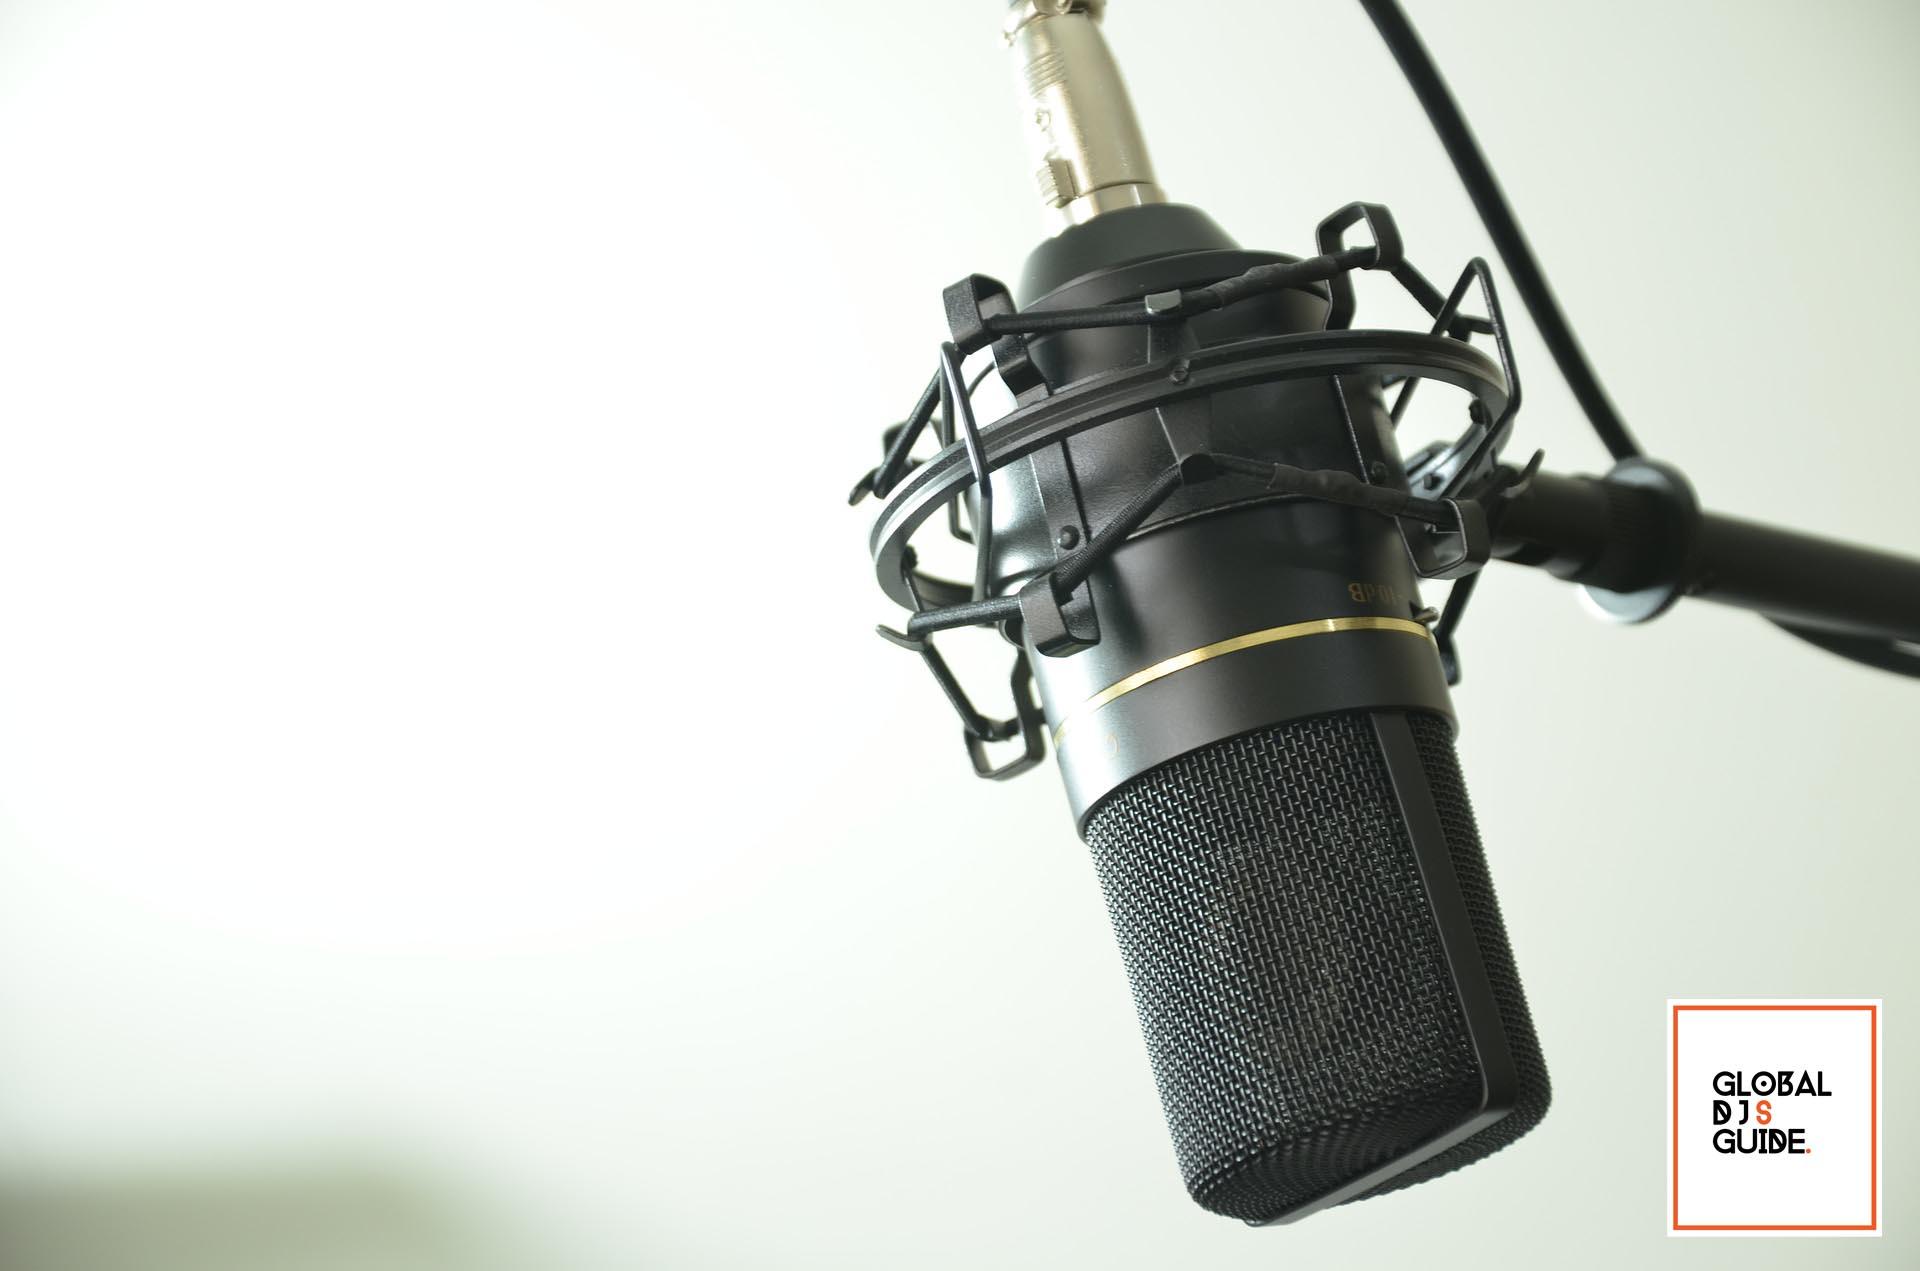 The Best Studio Microphones under $300 – 2018